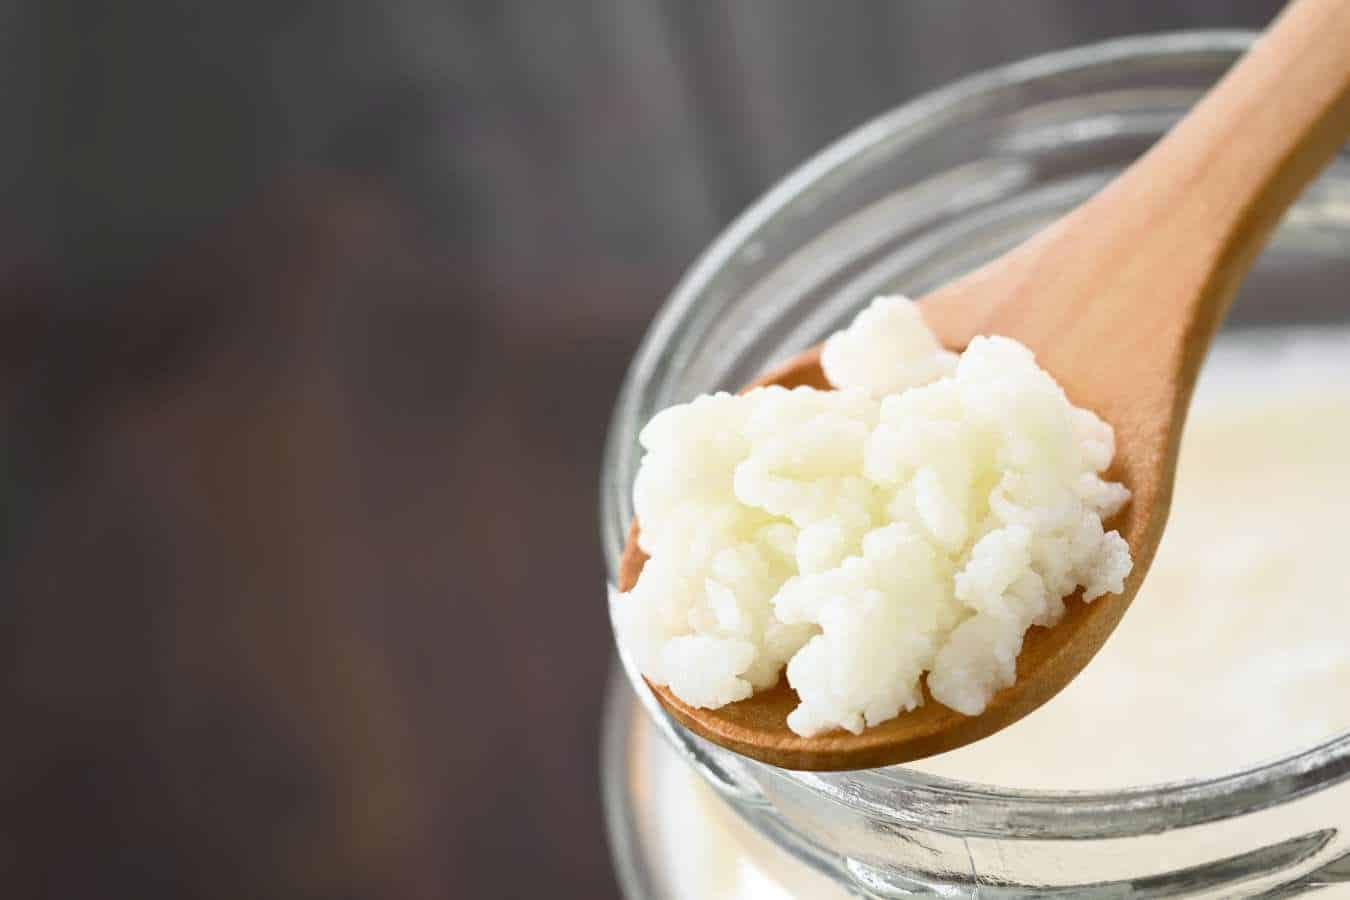 Como cuidar do kefir de leite? Cuidados para o melhor aproveitamento do Kefir